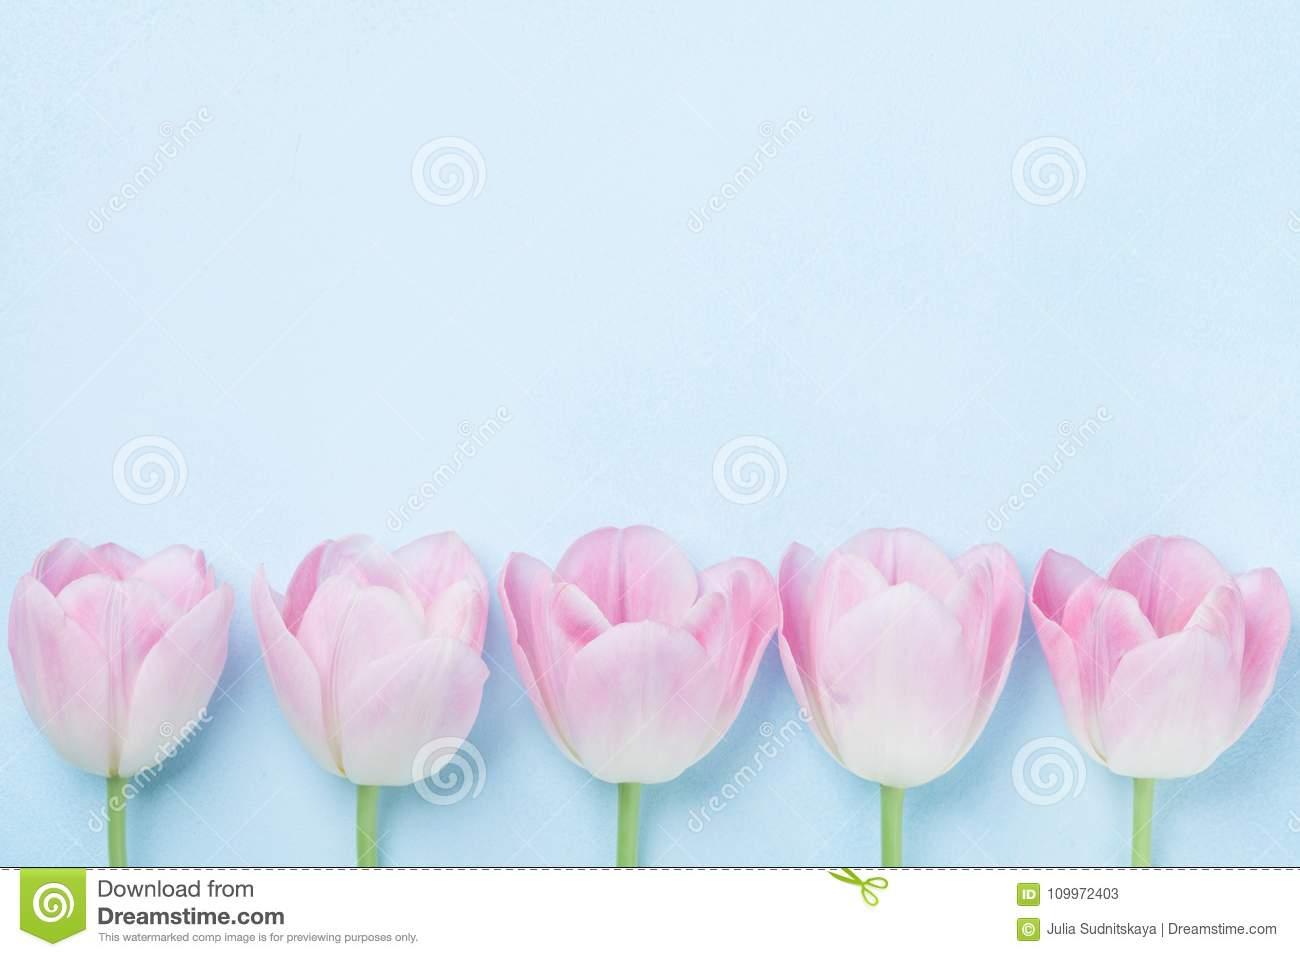 rosa tulpen blühen auf draufsicht des blauen hintergrundes modepastellfarben flache lageart frühlingsfrauen tageskarte